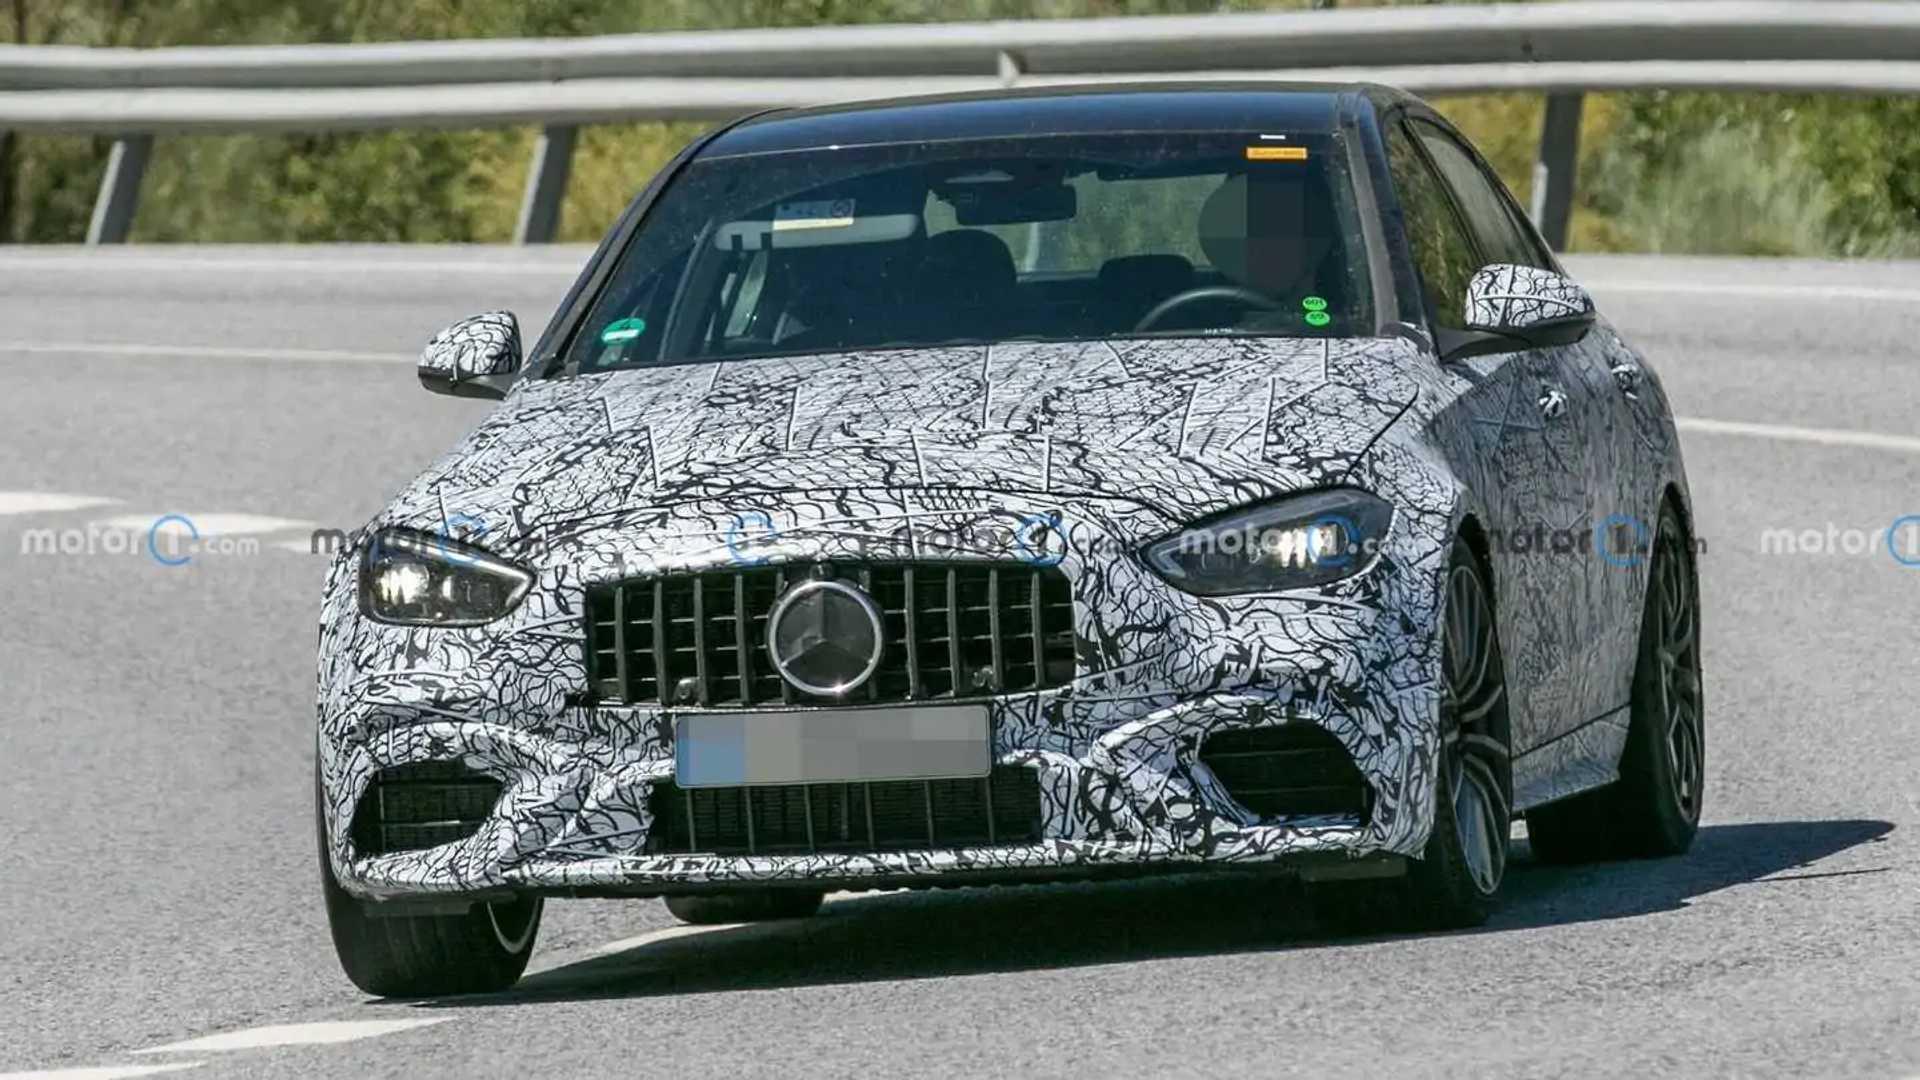 Foto espía del sedán Mercedes-AMG C63 2022